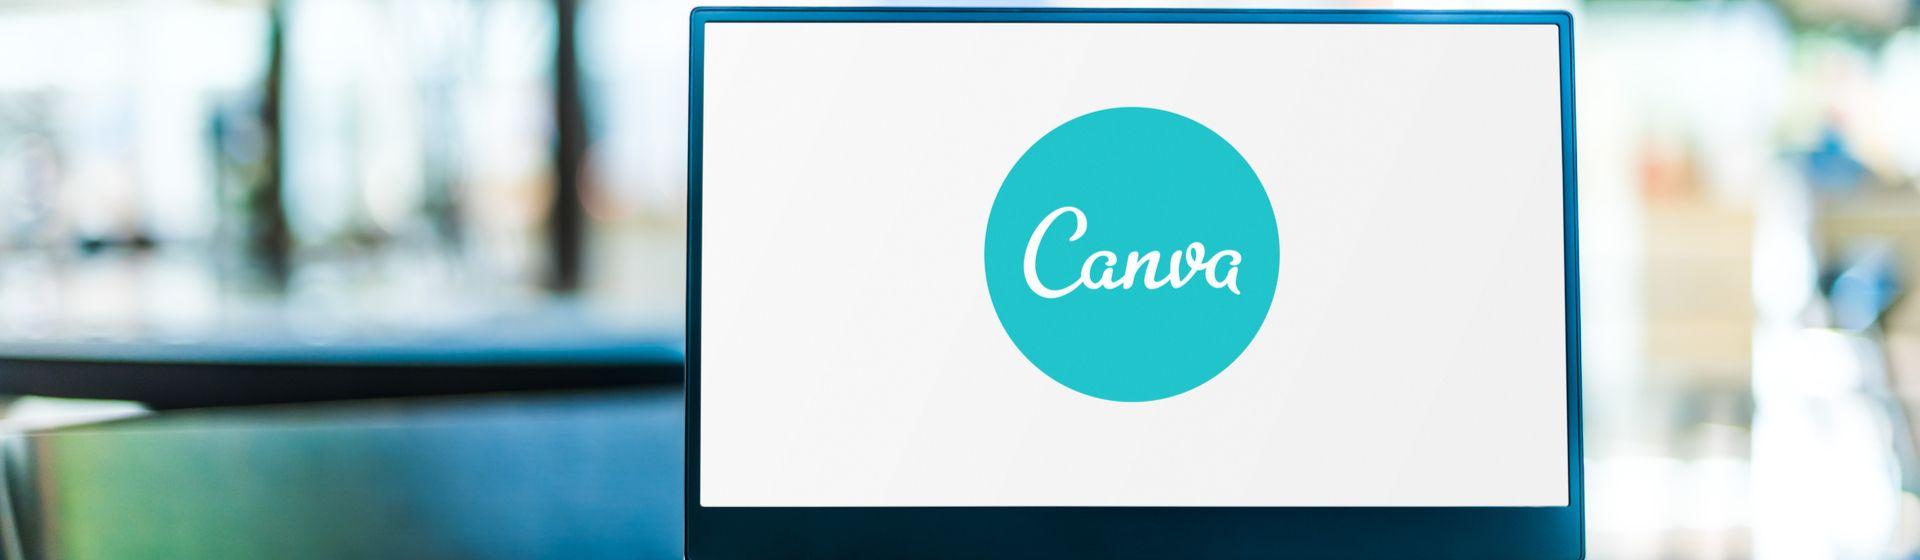 Logo do Canva sendo exibida na tela de um notebook com fundo desfocado